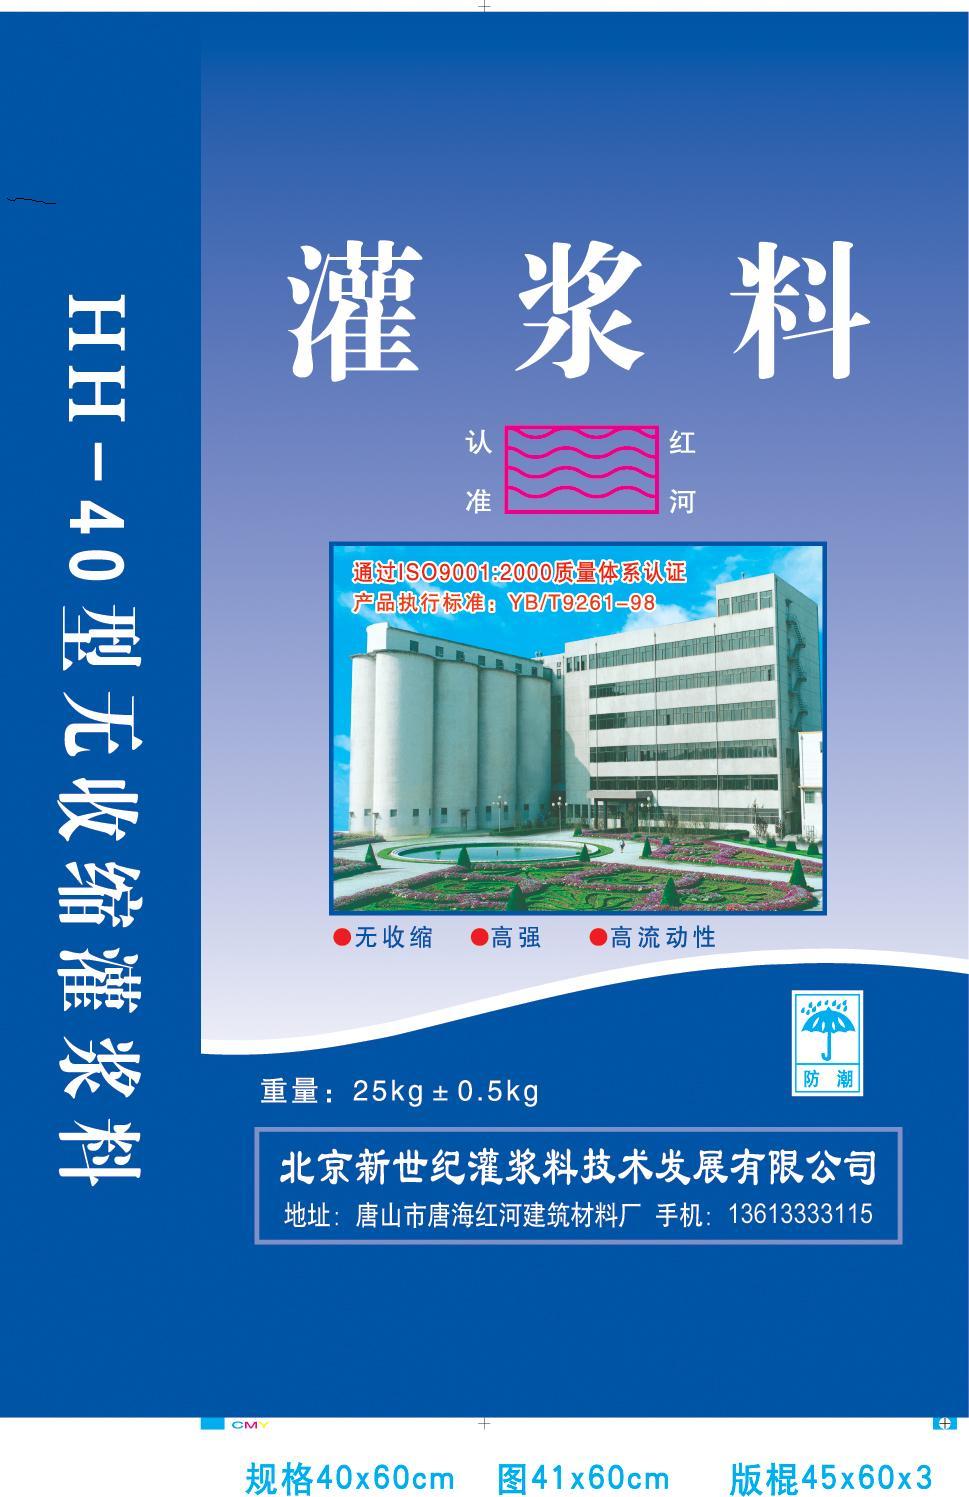 唐山市曹妃甸区红河建筑材料有限公司